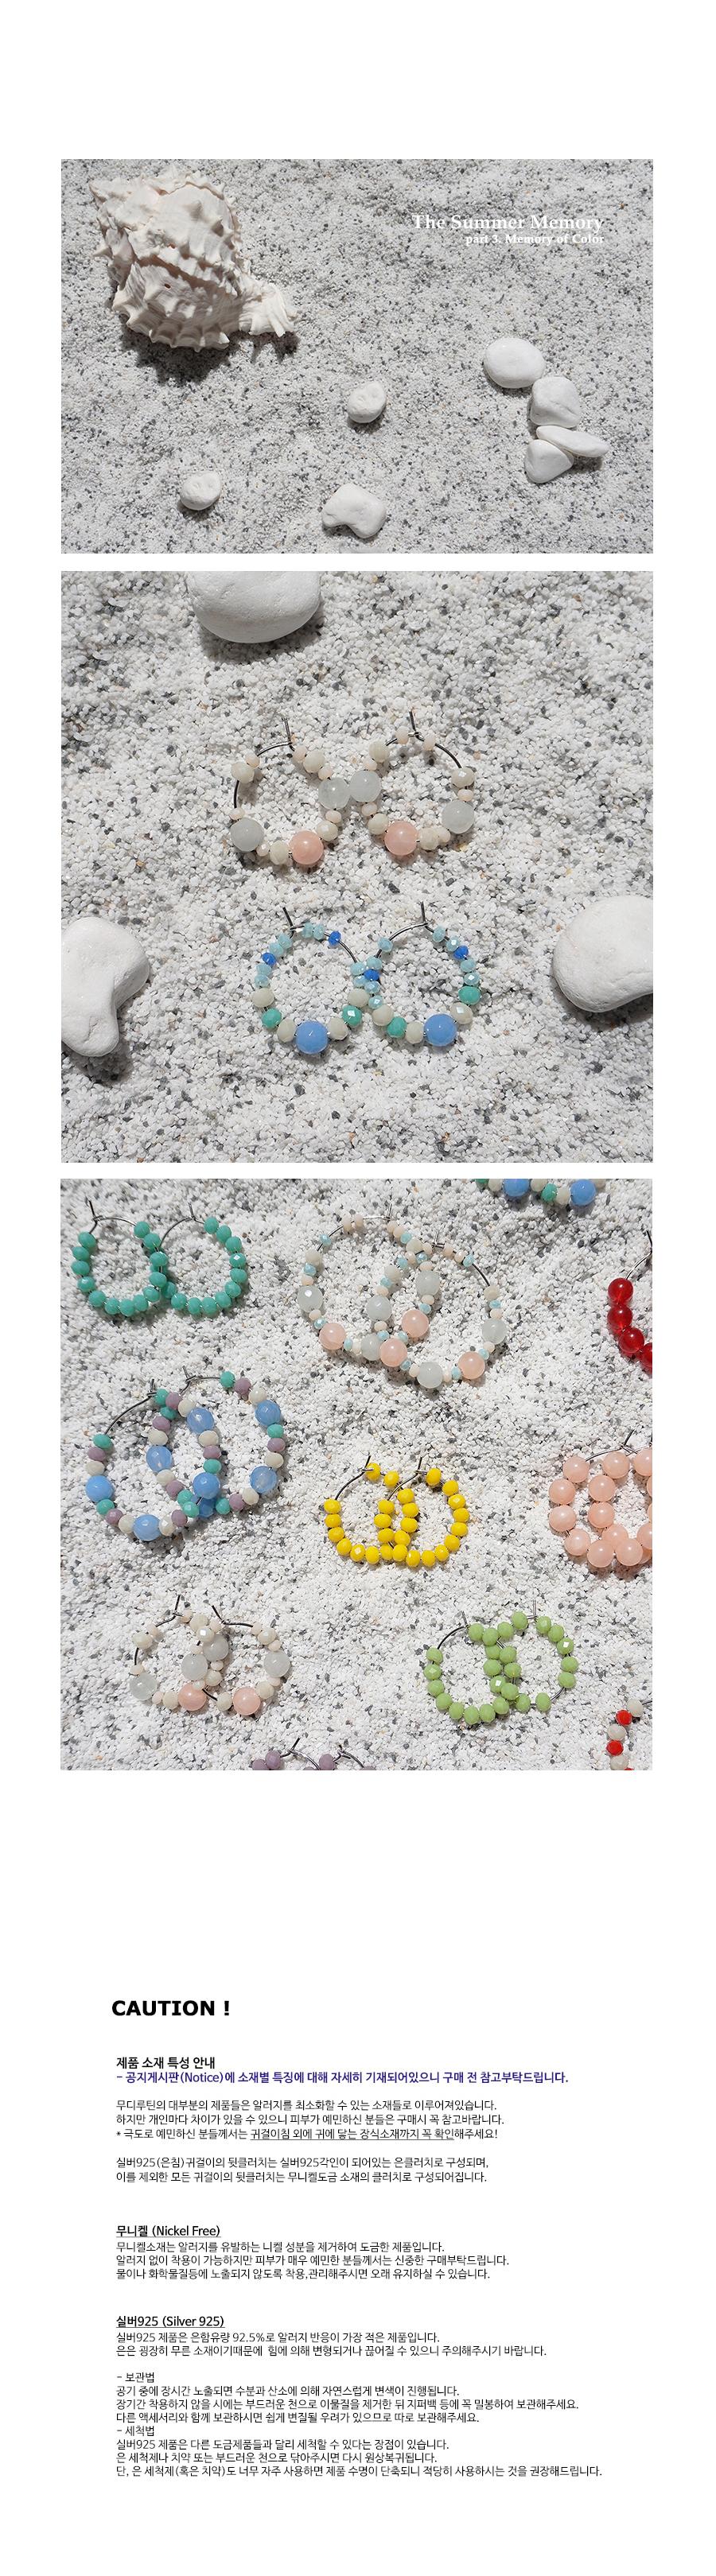 파스텔쉐이드 버블 링귀걸이 - 스몰 (2colors) - 무디루틴, 13,000원, 진주/원석, 드롭귀걸이